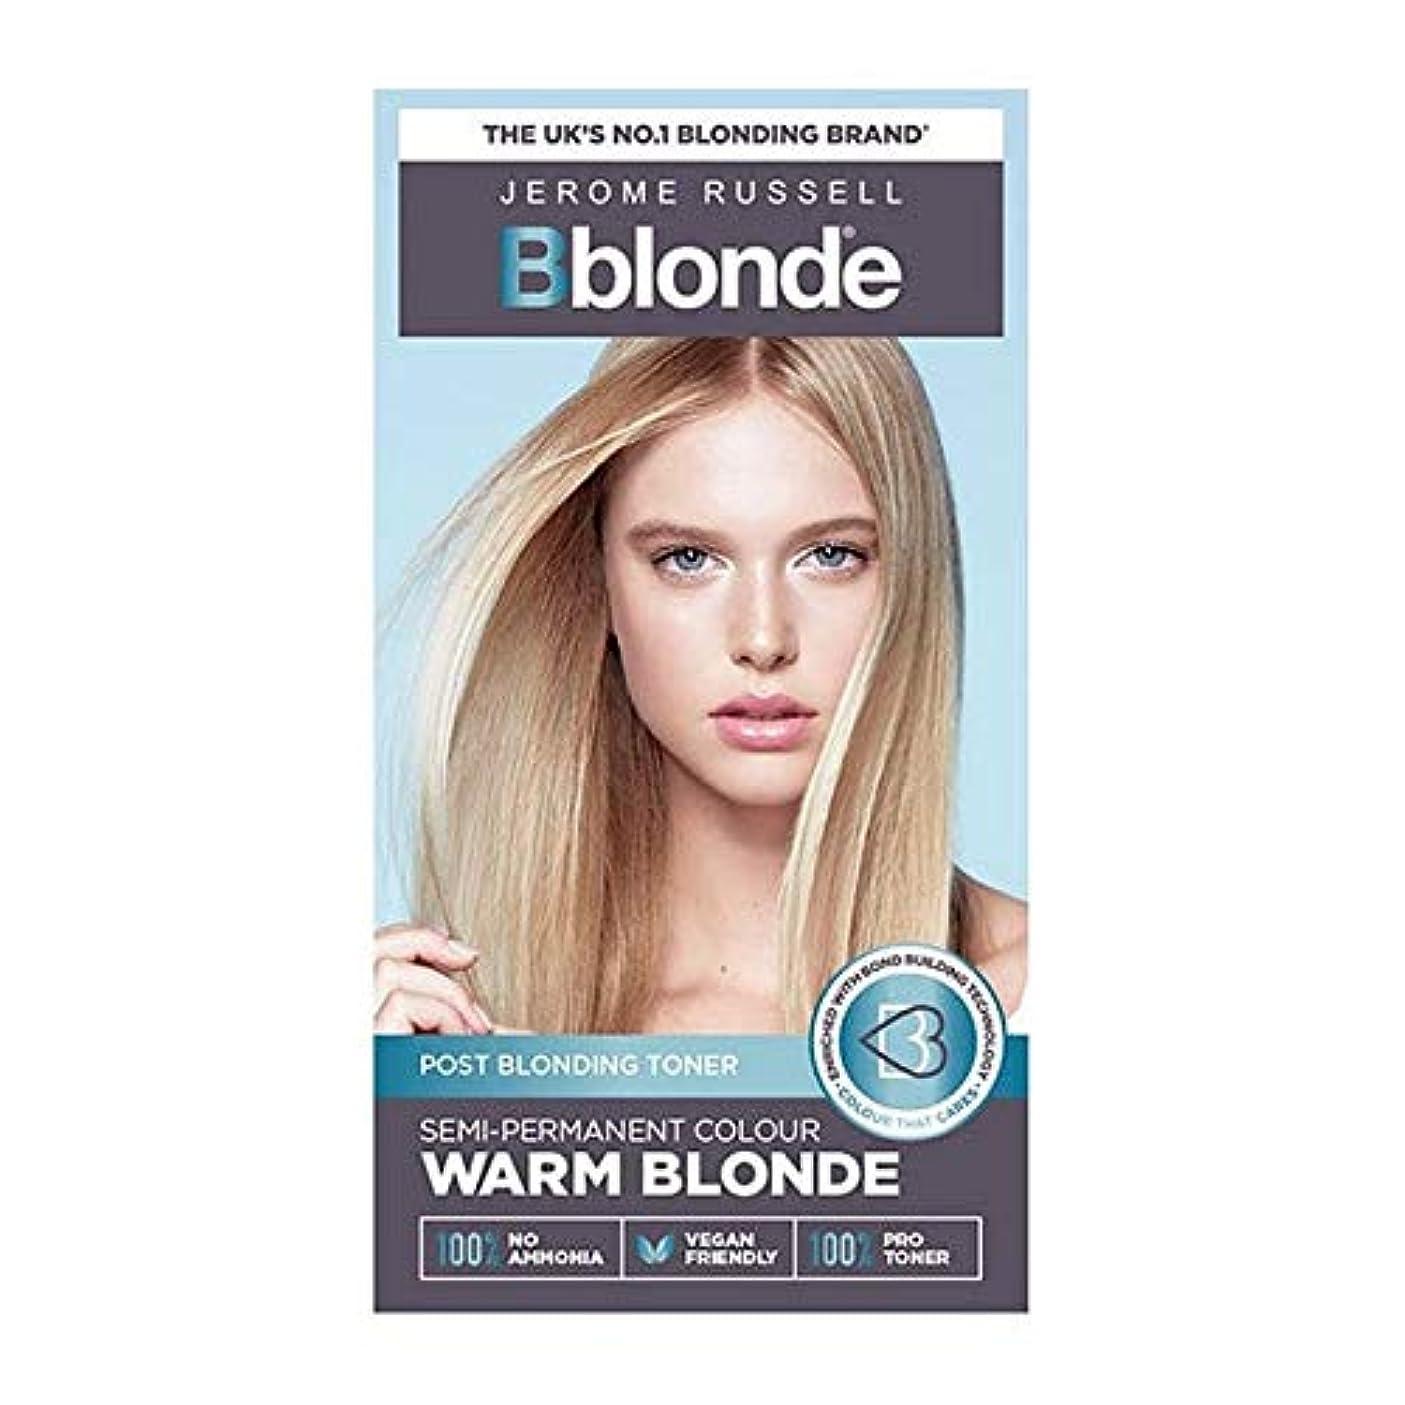 結晶持ってるホット[Jerome Russell ] ジェロームラッセルBblonde半恒久的なトナー暖かいブロンド - Jerome Russell Bblonde Semi Permanent Toner Warm Blonde [並行輸入品]